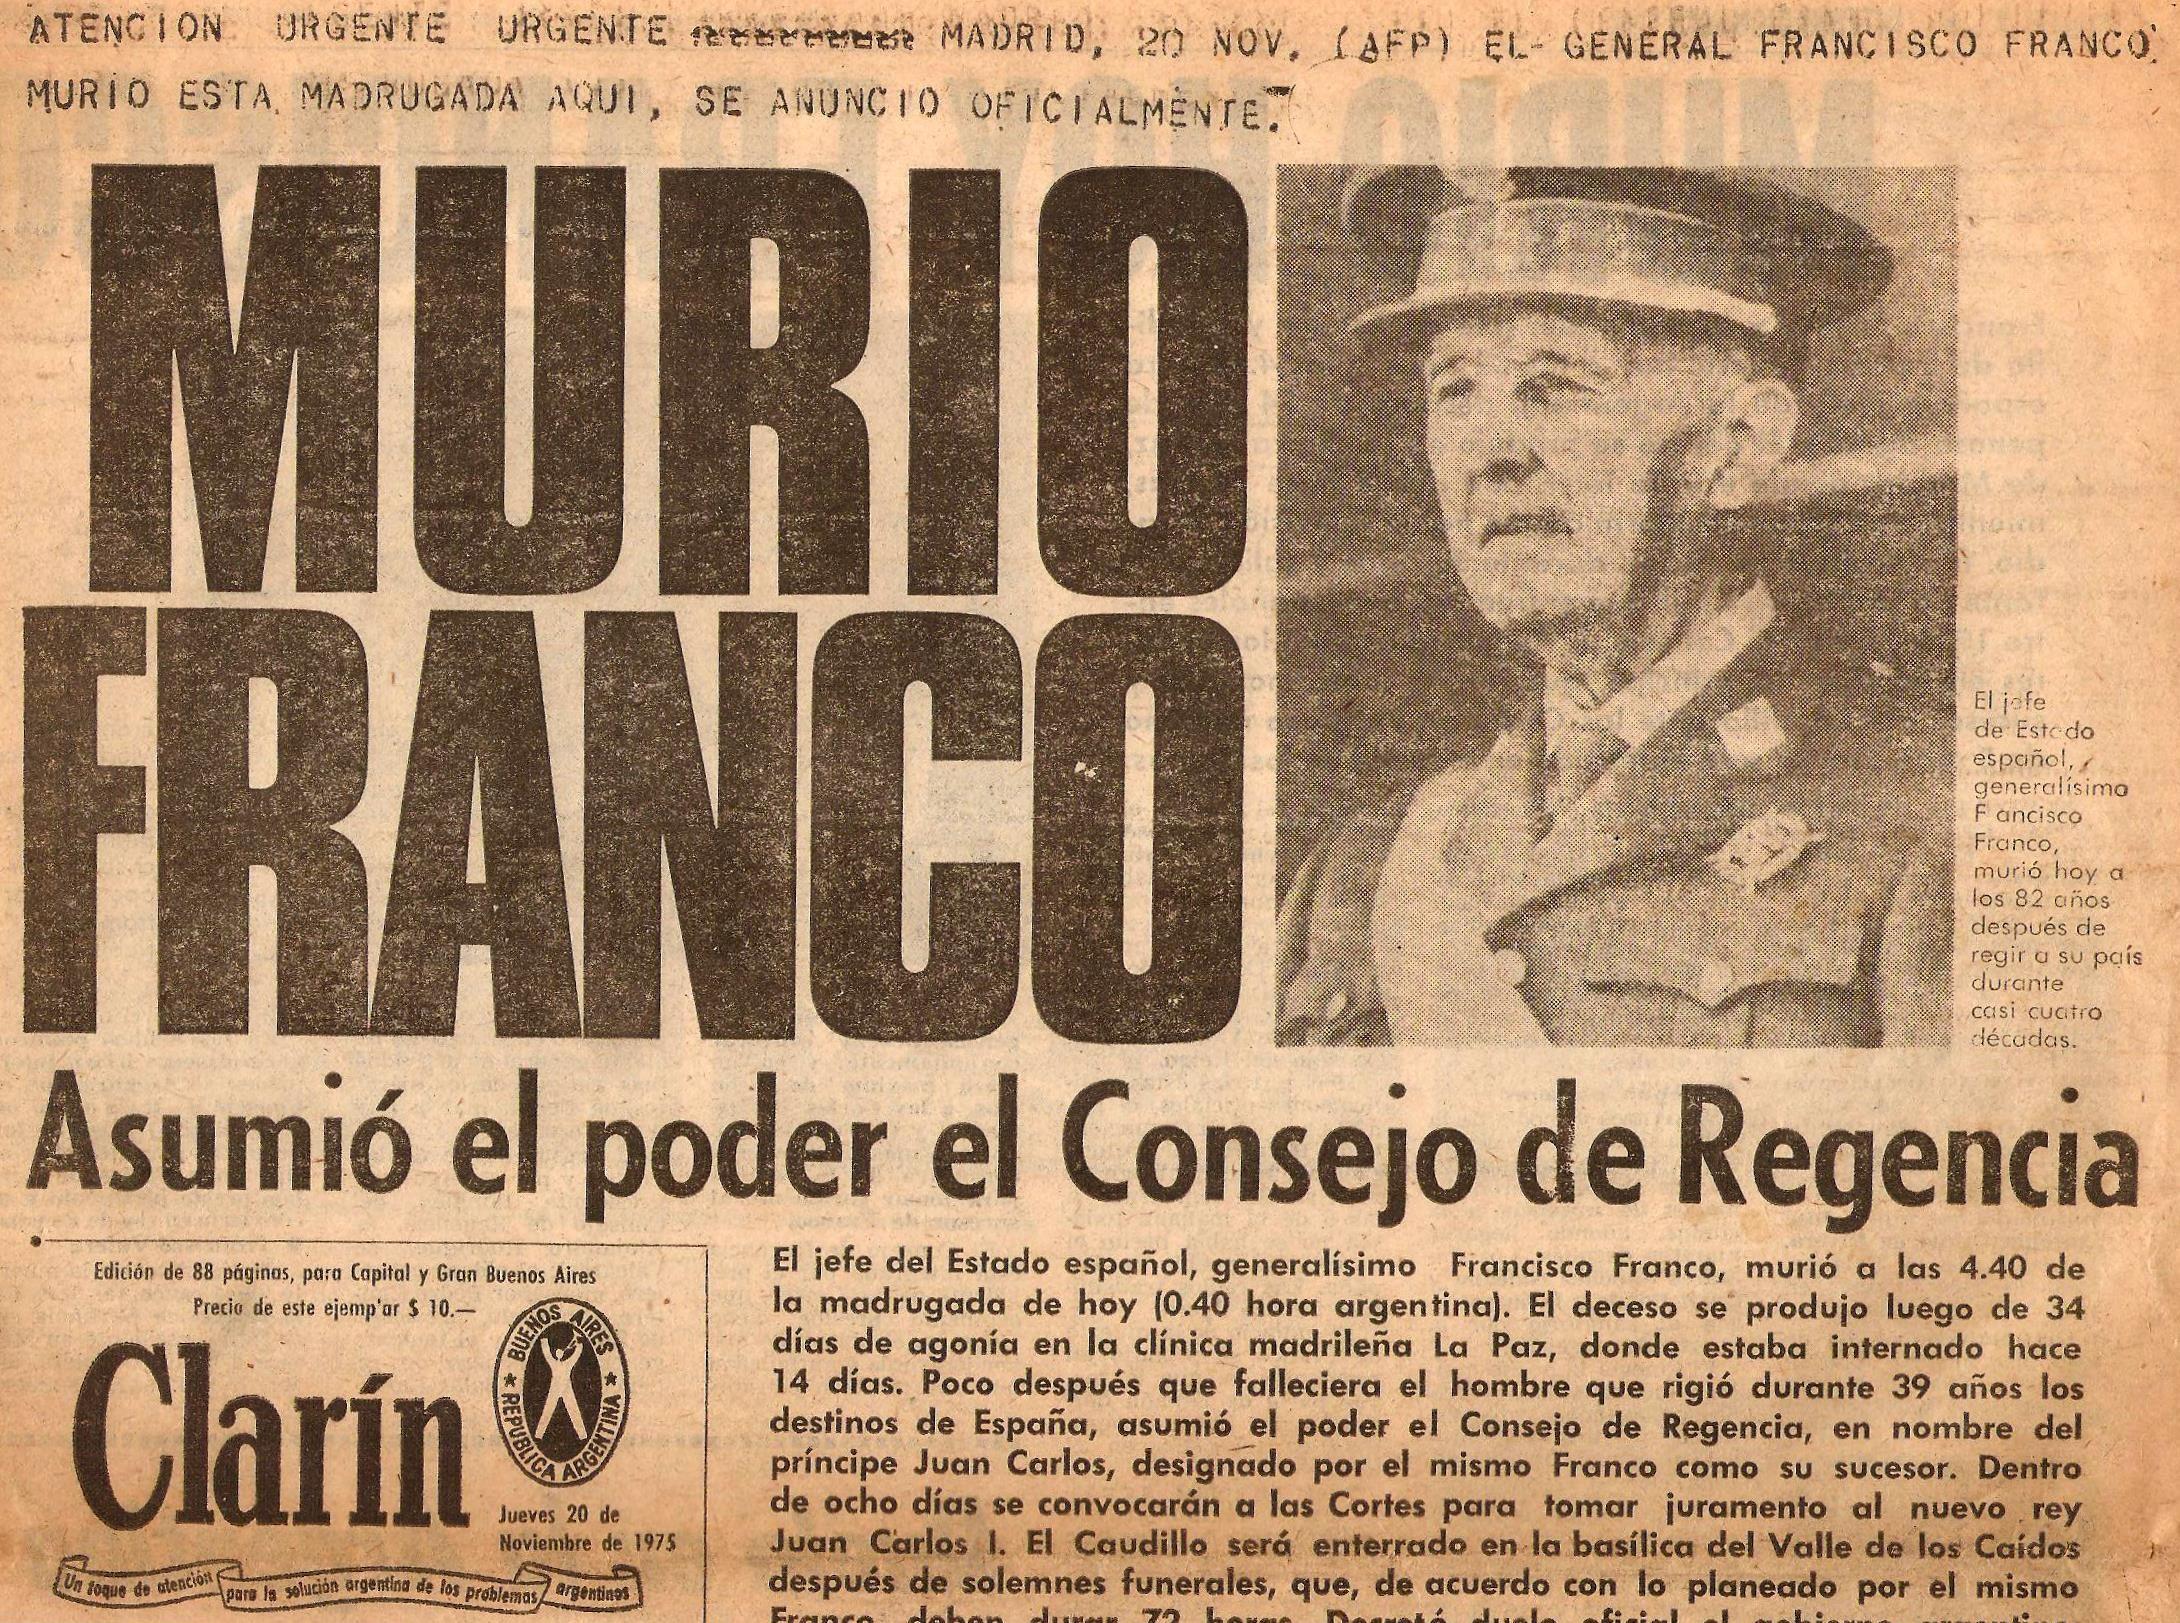 Portada del diario argentino Clarín. 20 de Nombre de 1975.